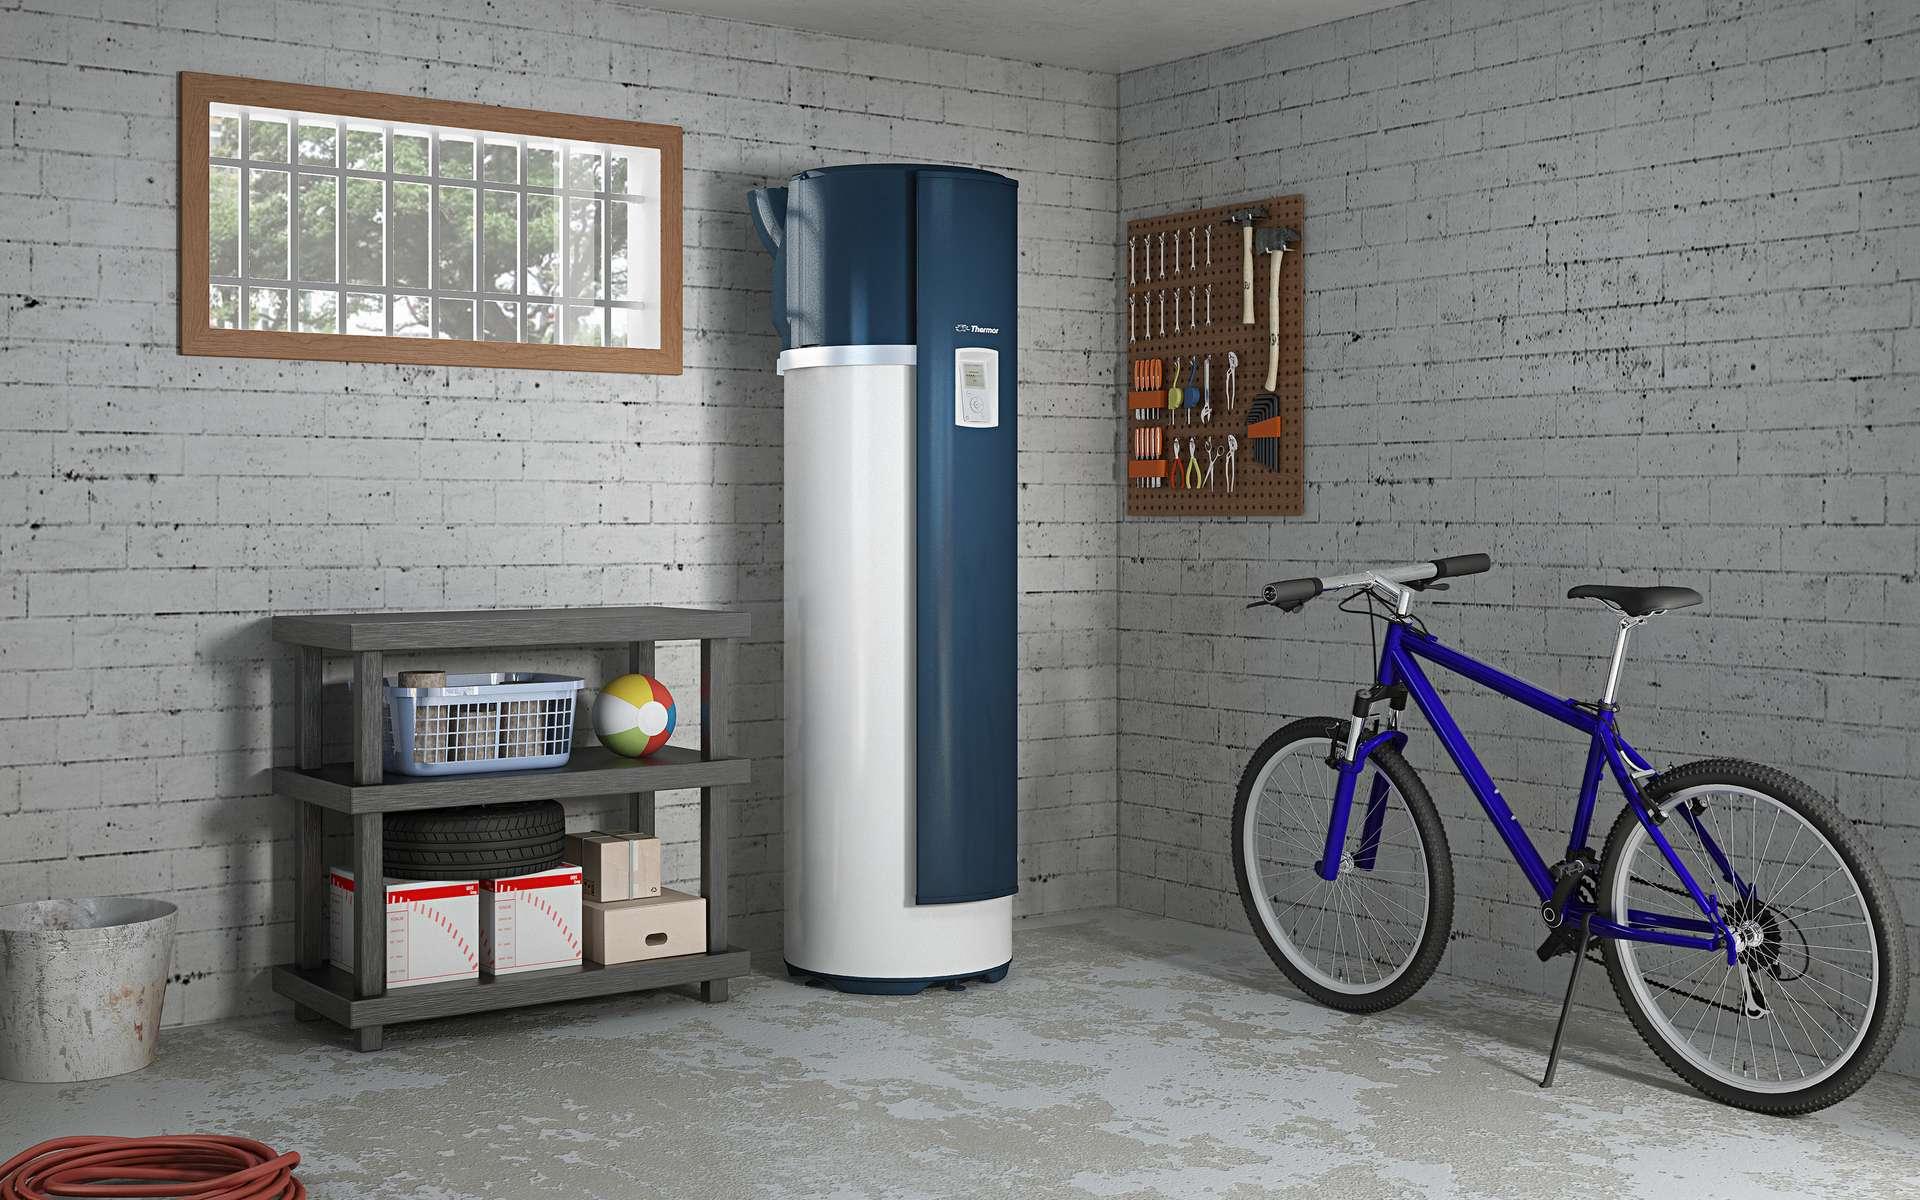 La PAC rejetant un air refroidi, il est déconseillé d'installer un modèle monobloc dans une pièce de vie sous peine d'entraîner une surconsommation de chauffage en hiver. © Thermor